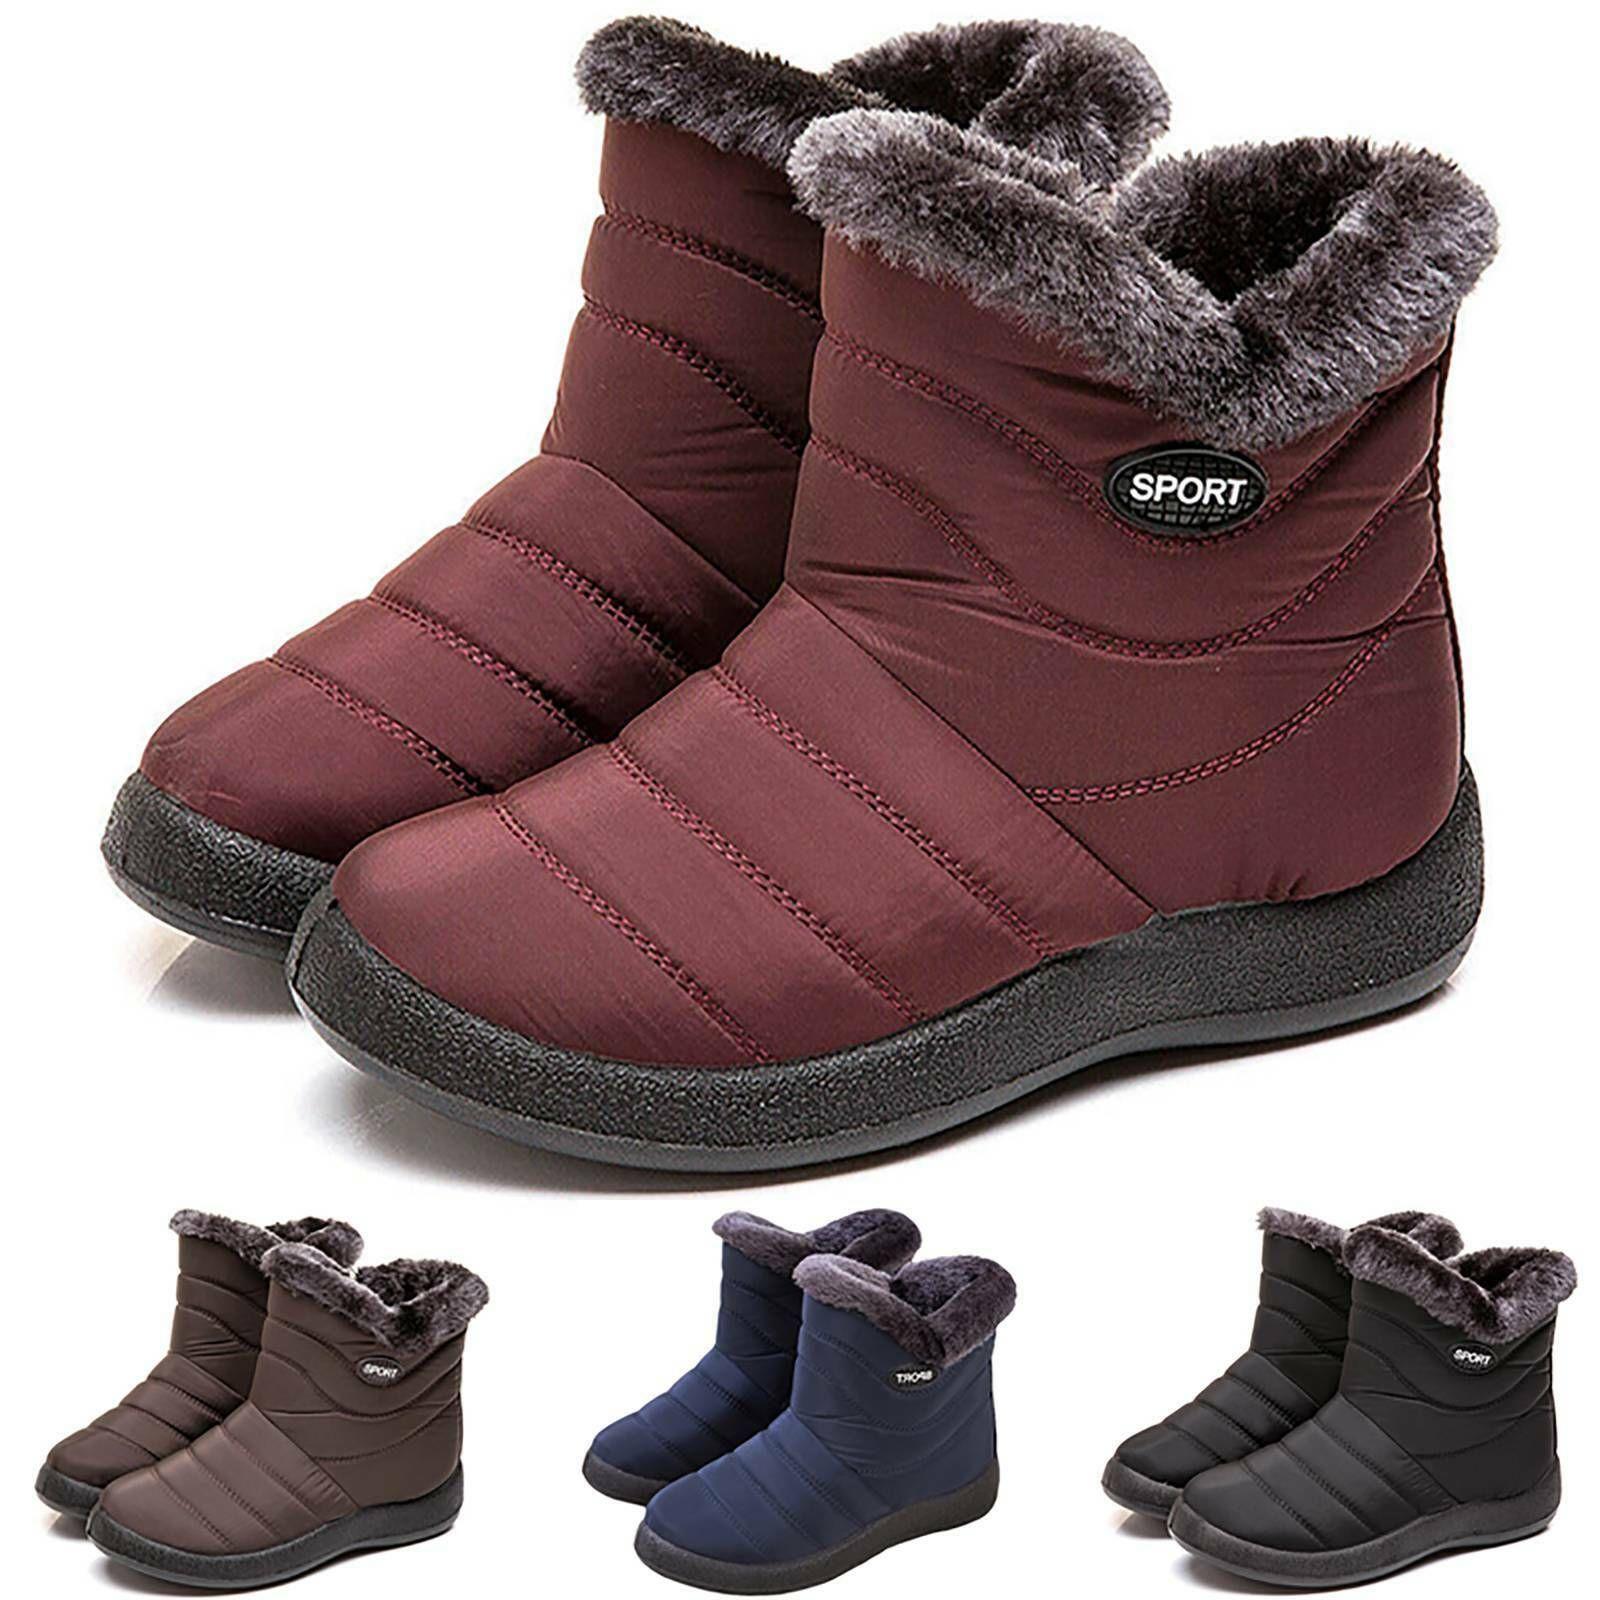 Damen Flat Boots Stiefel Winterstiefel Wasserdicht Gefuttert Thermo Schneeschuhe Ebay In 2020 Cozy Shoes Boots Waterproof Sneakers